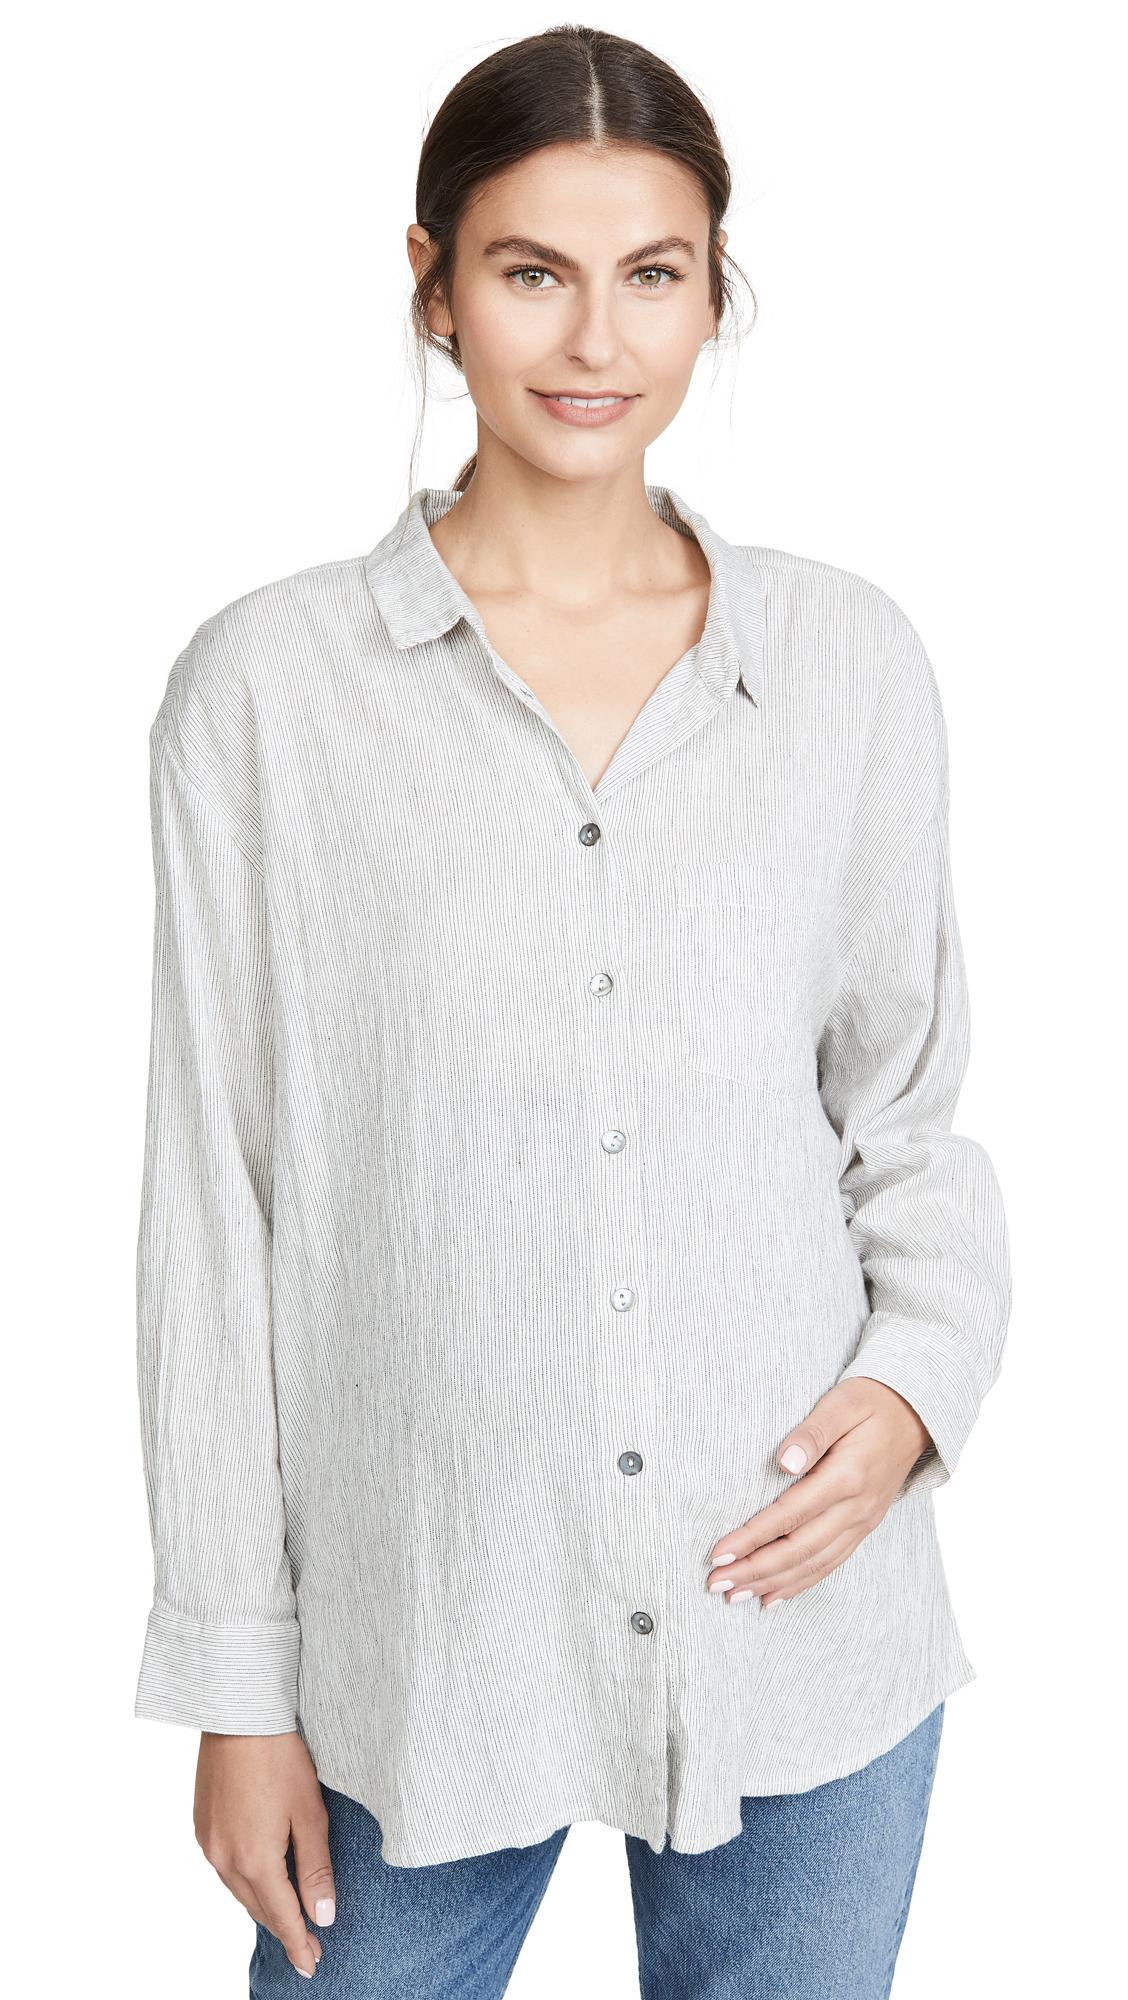 HATCH The Boyfriend Shirt - 30% Off Sale